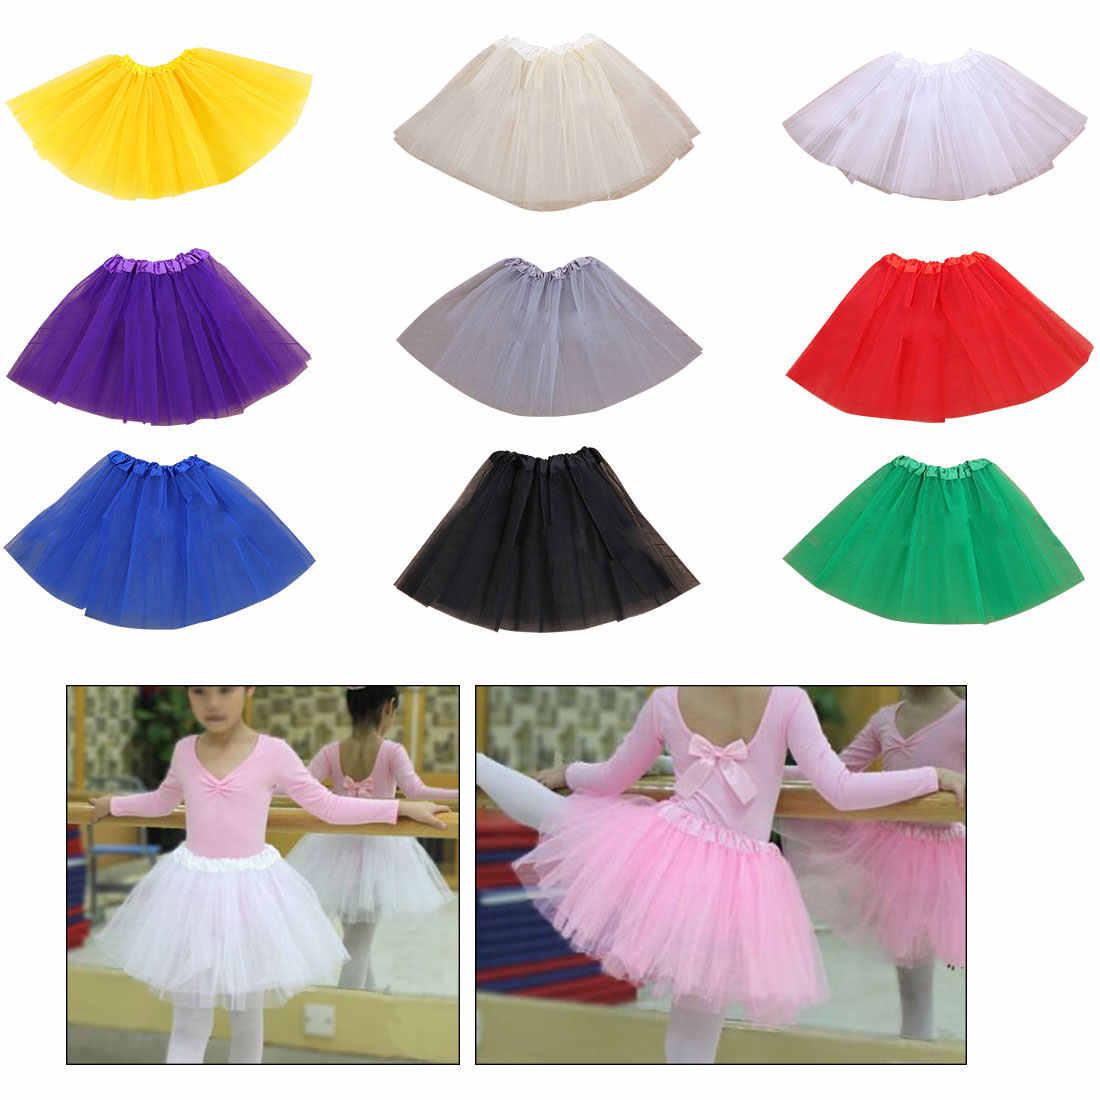 Faldas bonitas BabyTutu para niñas, tutú de tul mullido hecho a mano, tutú de Ballet con lazo de puntos y Diadema de flores, falda de fiesta para niños